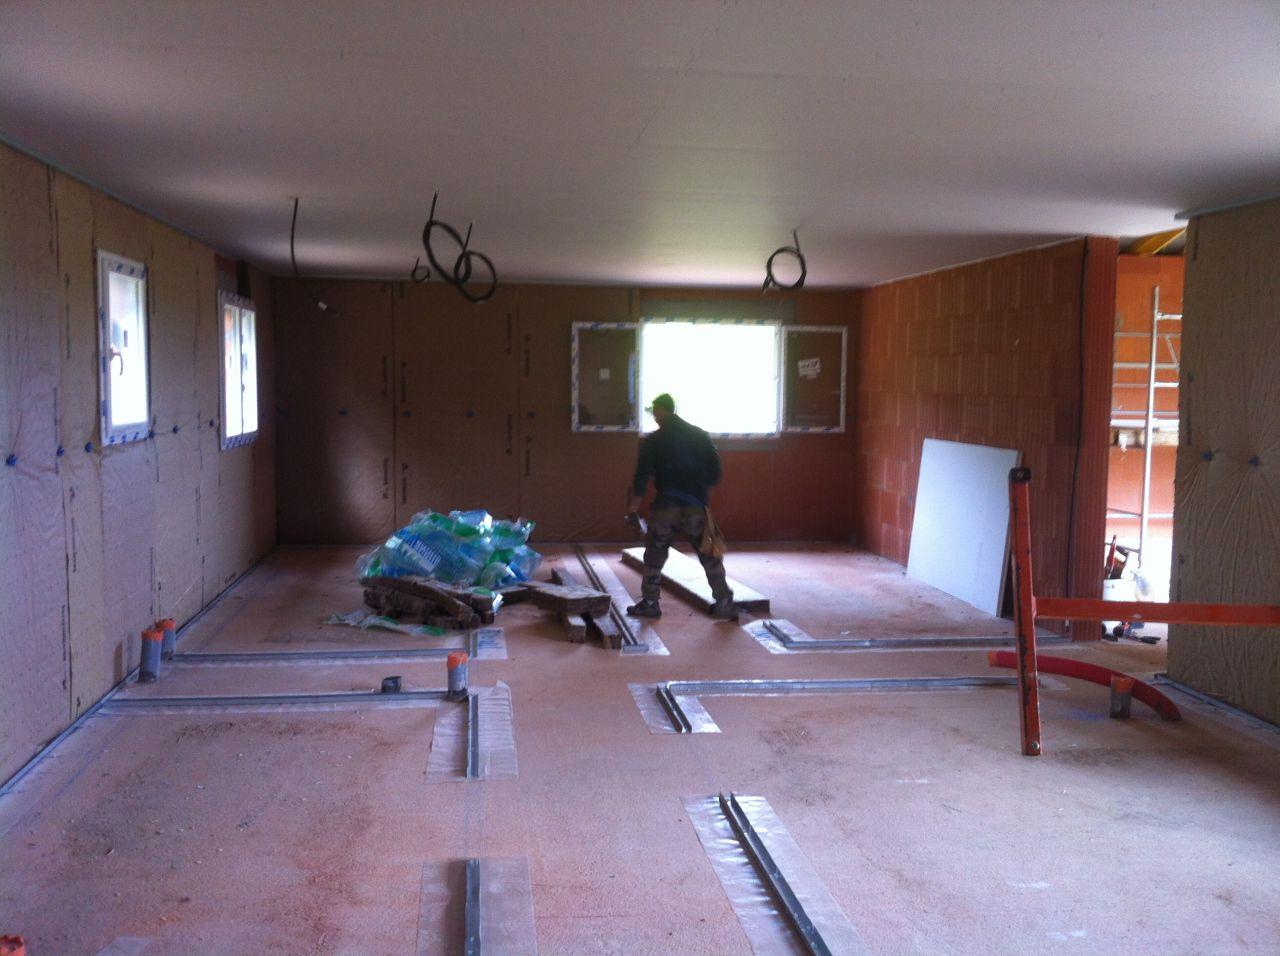 Mr Mauvais notre plaquiste en plein travail. le plafond de la partie nuit vient d'être posé.